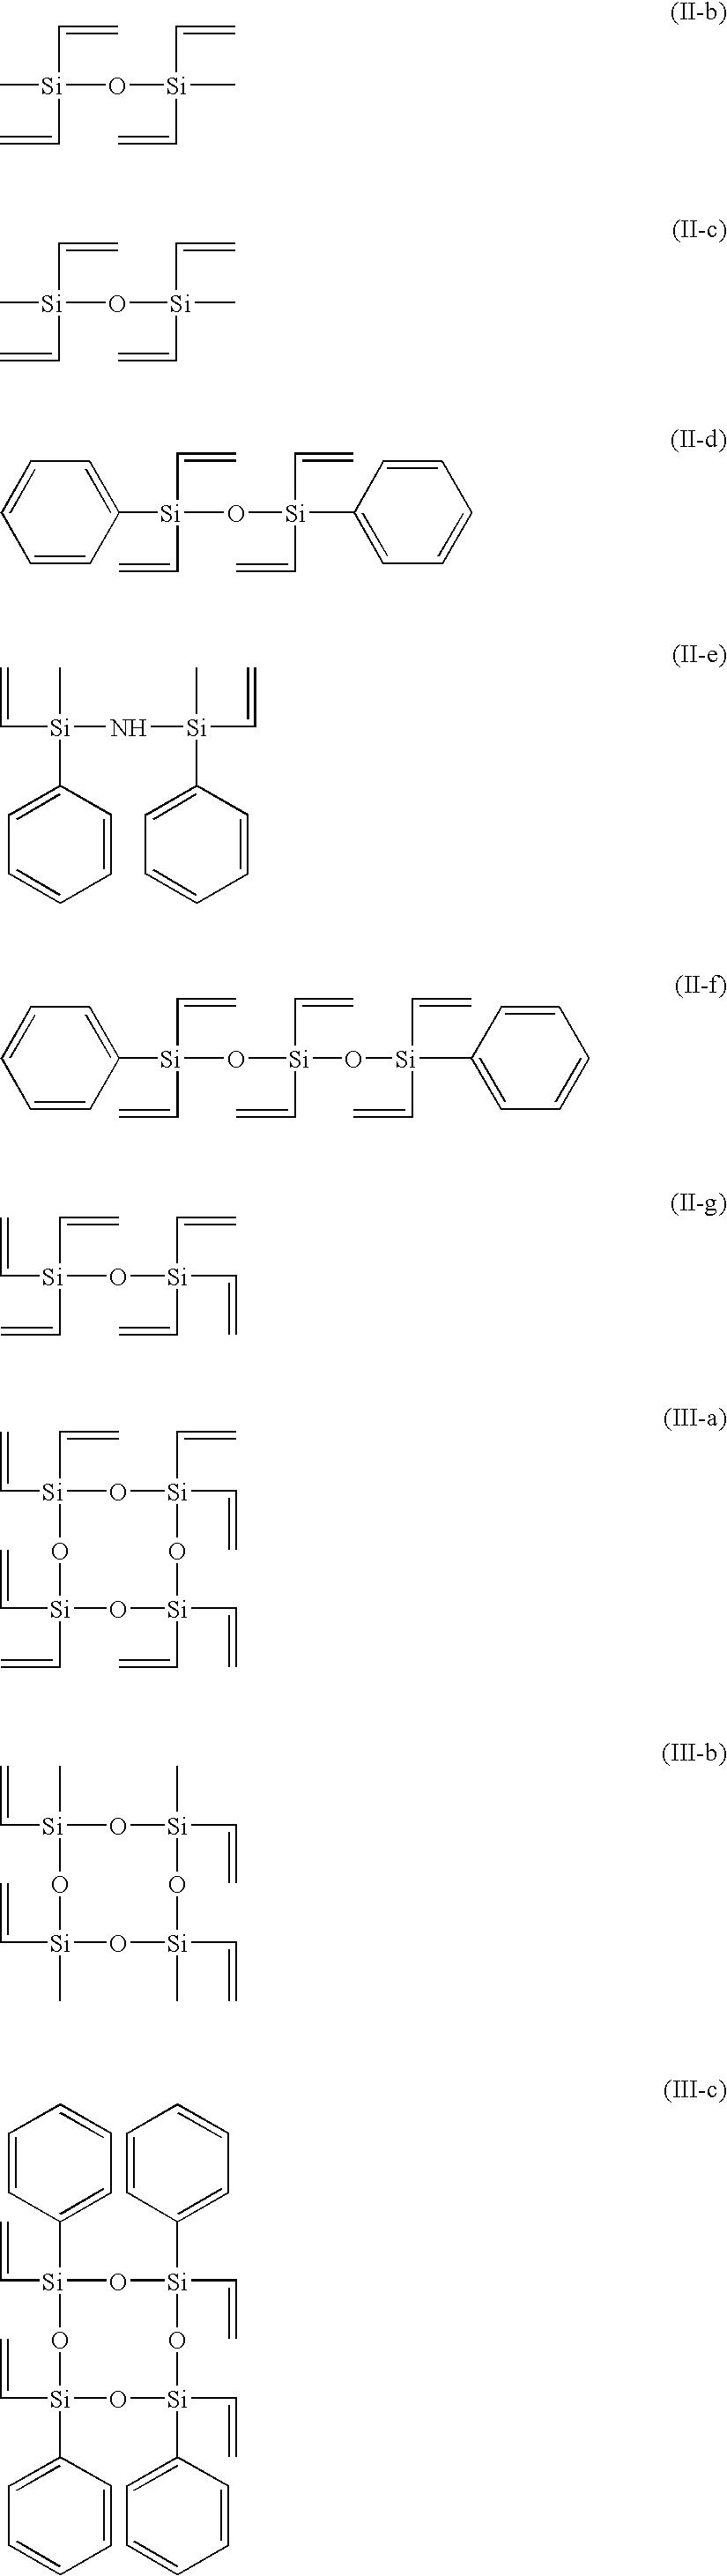 Figure US20080081121A1-20080403-C00002